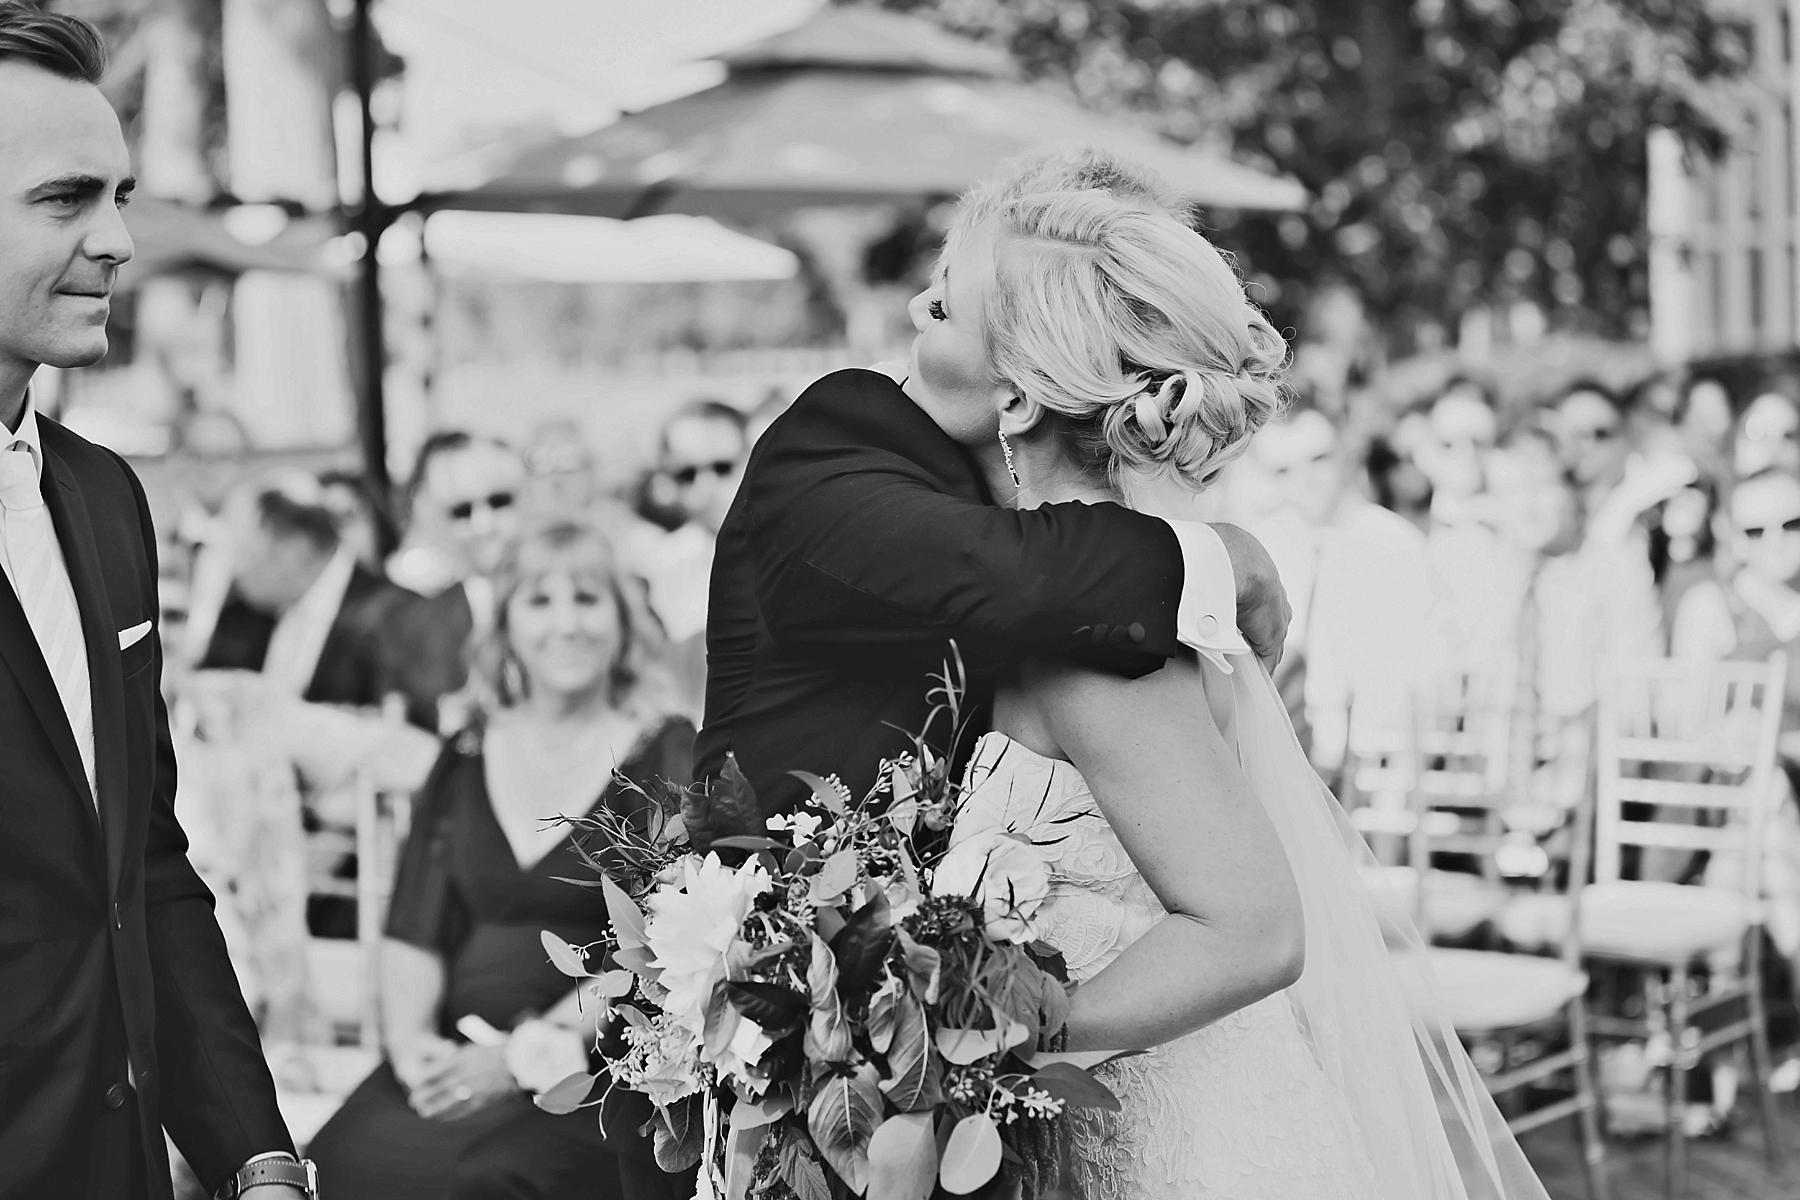 windsor-wedding-photographer-essex-golf-country-club-wedding-eryn-shea-photography_0028.jpg